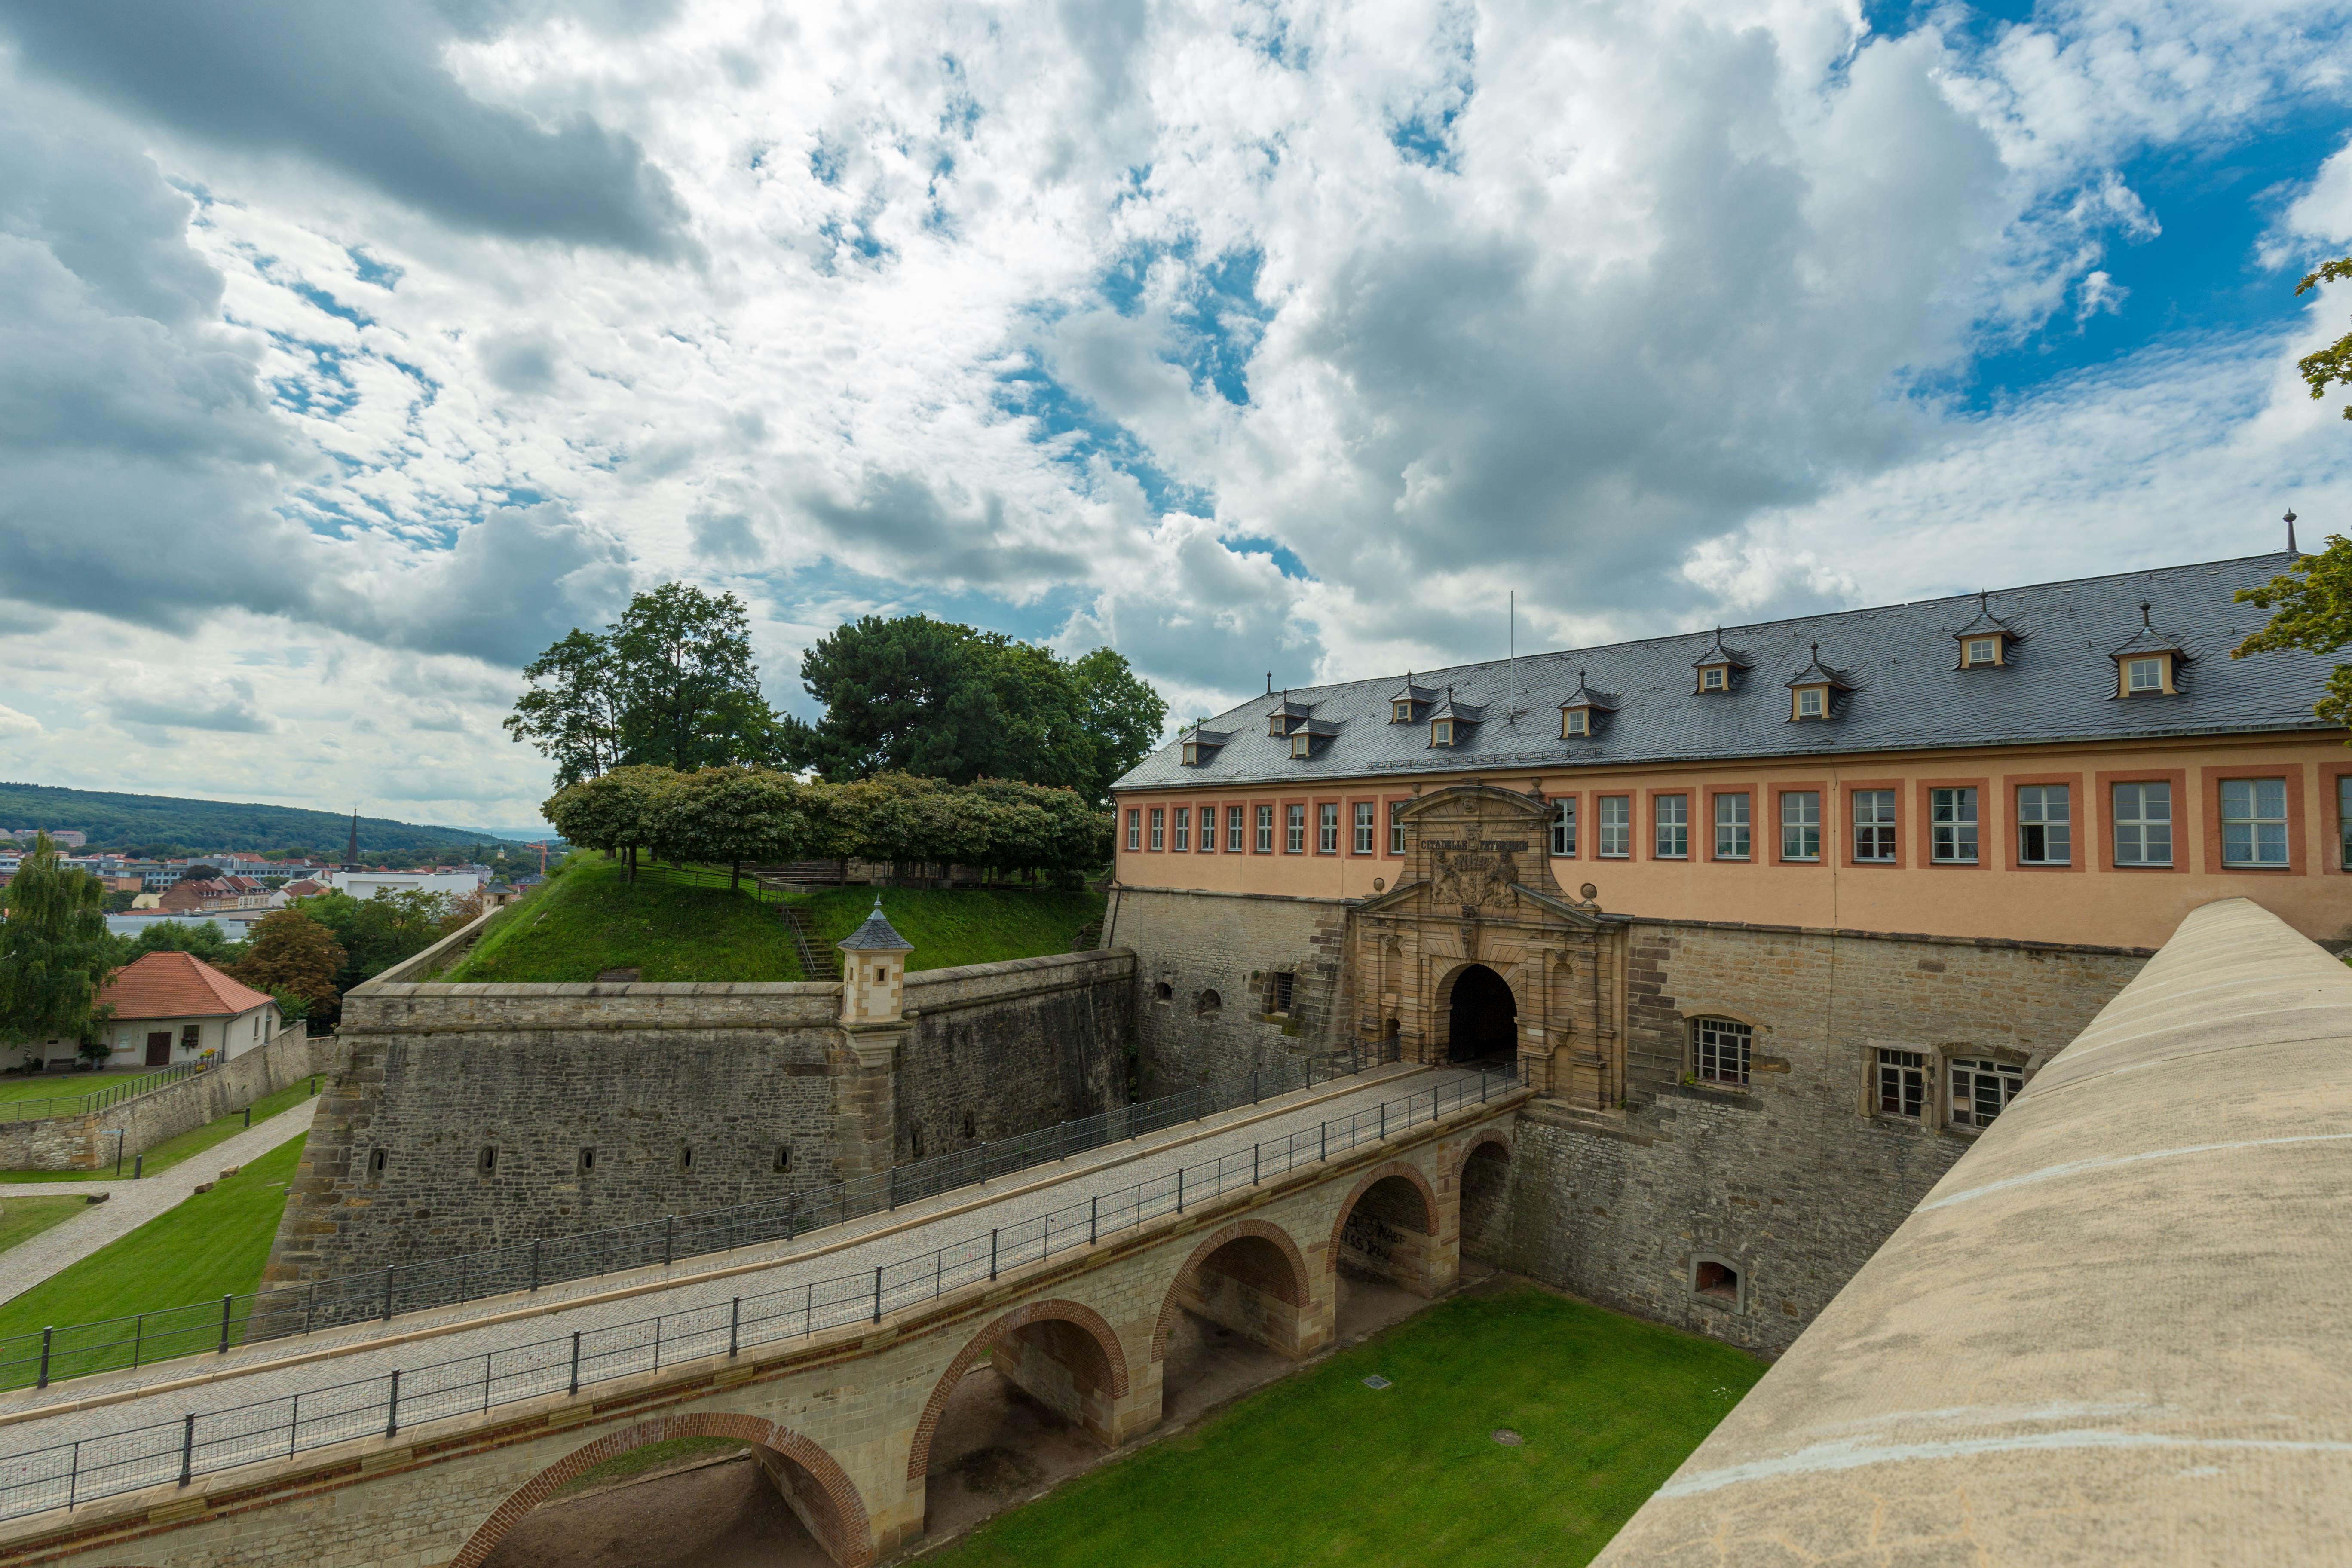 Zitadelle Petersberg in Erfurt 2014 - Foto von Eremeev